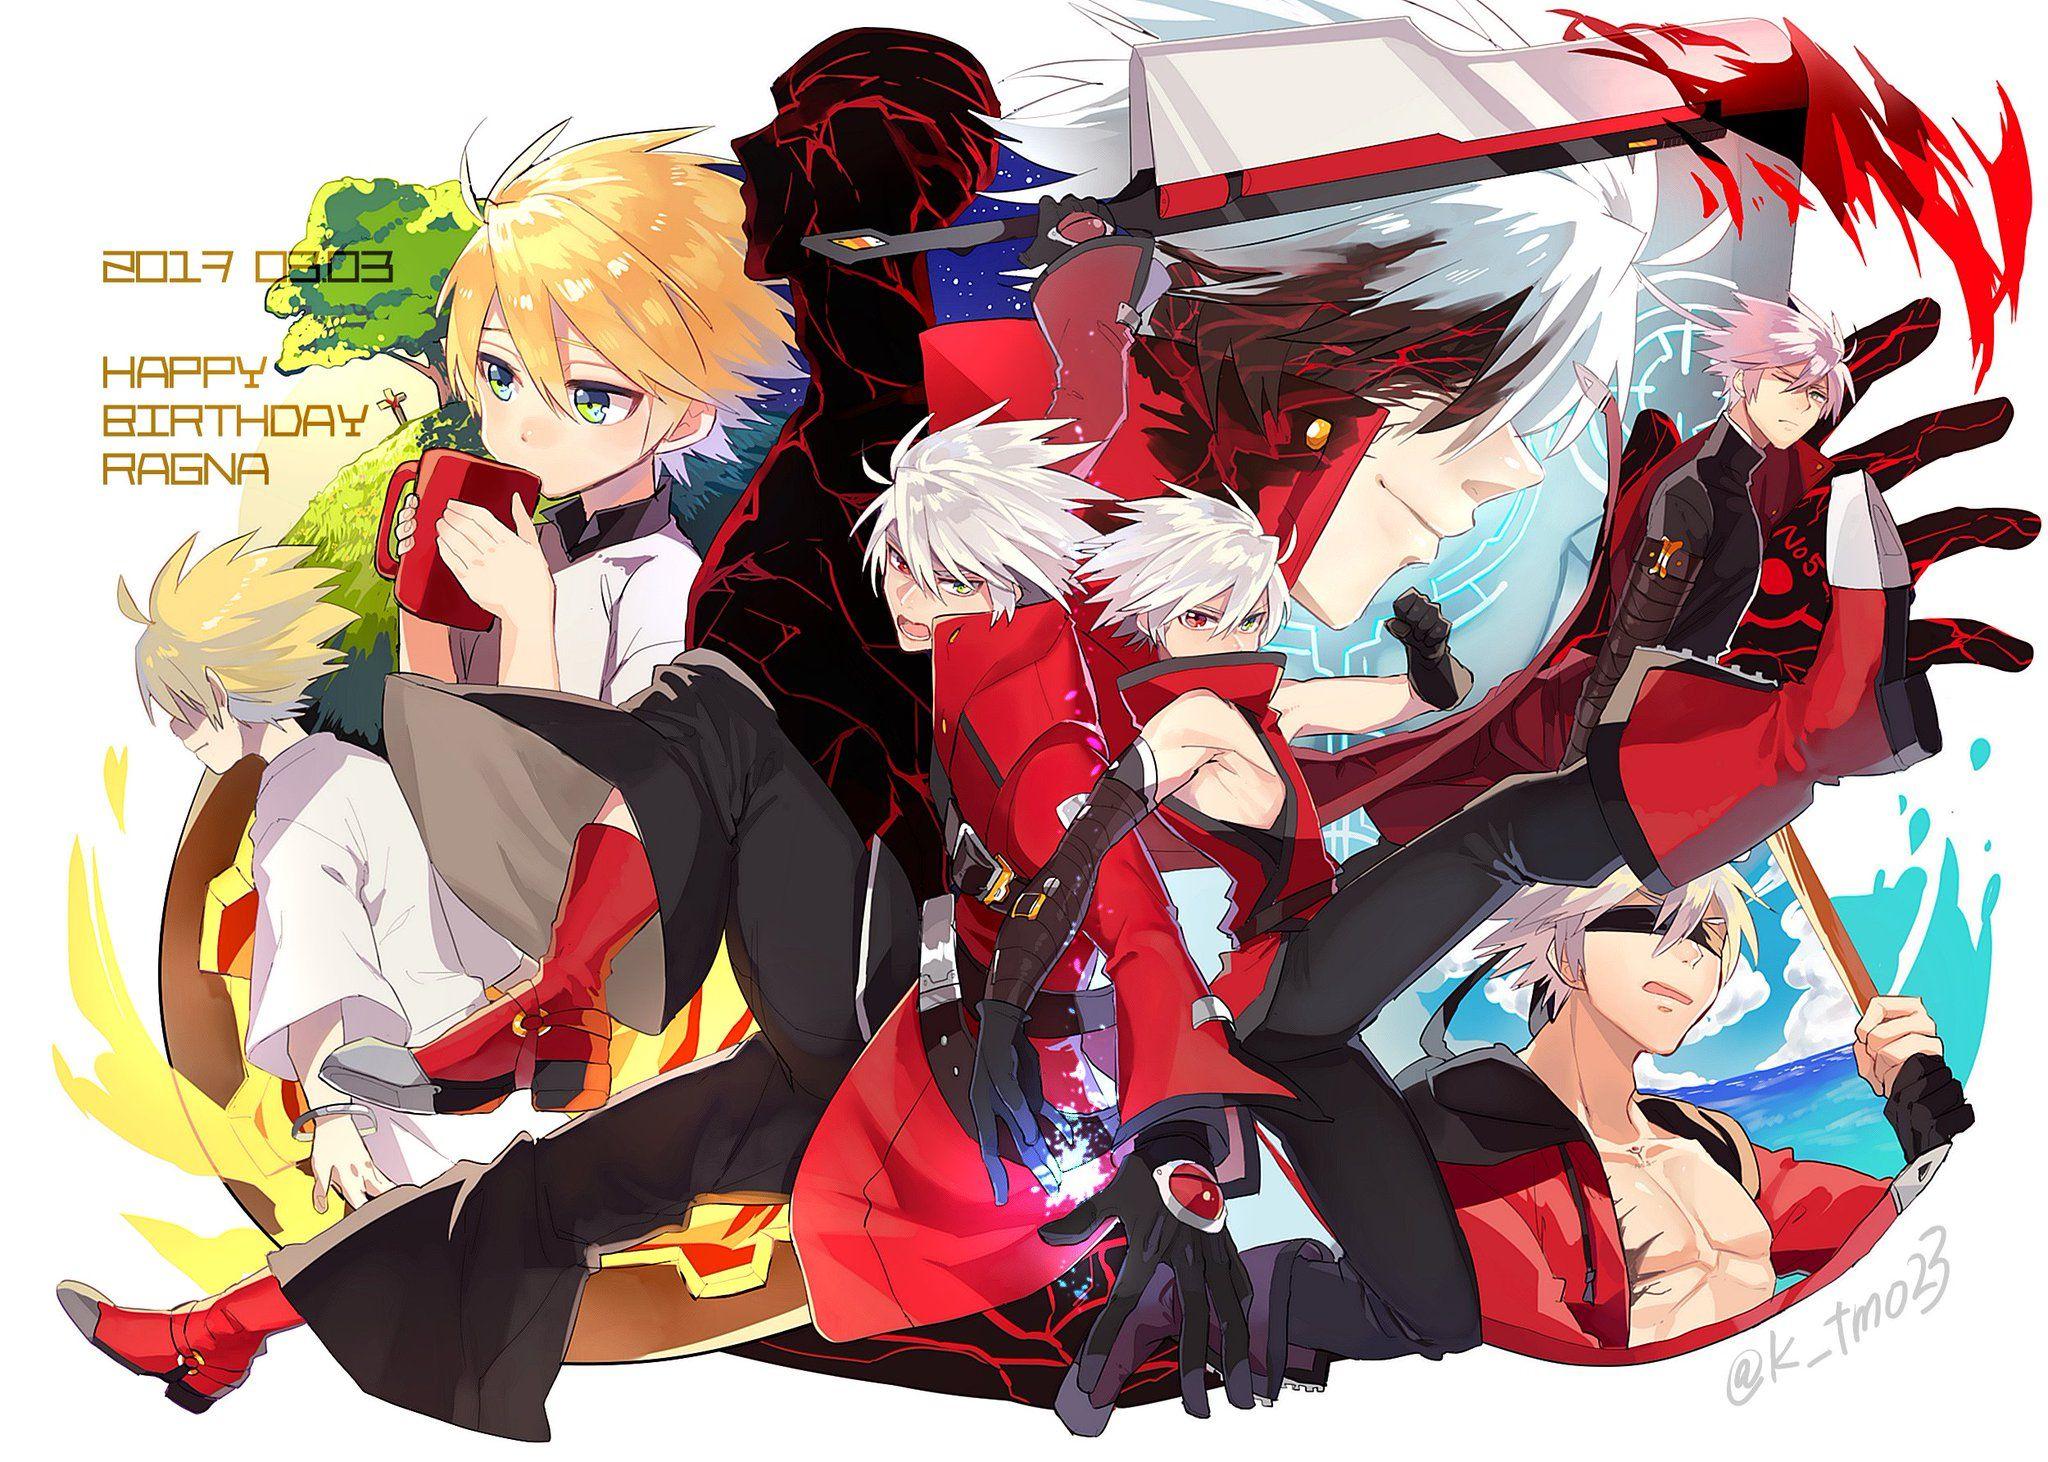 とも🍓🔥 on Anime, Happy birthday, You mean the world to me